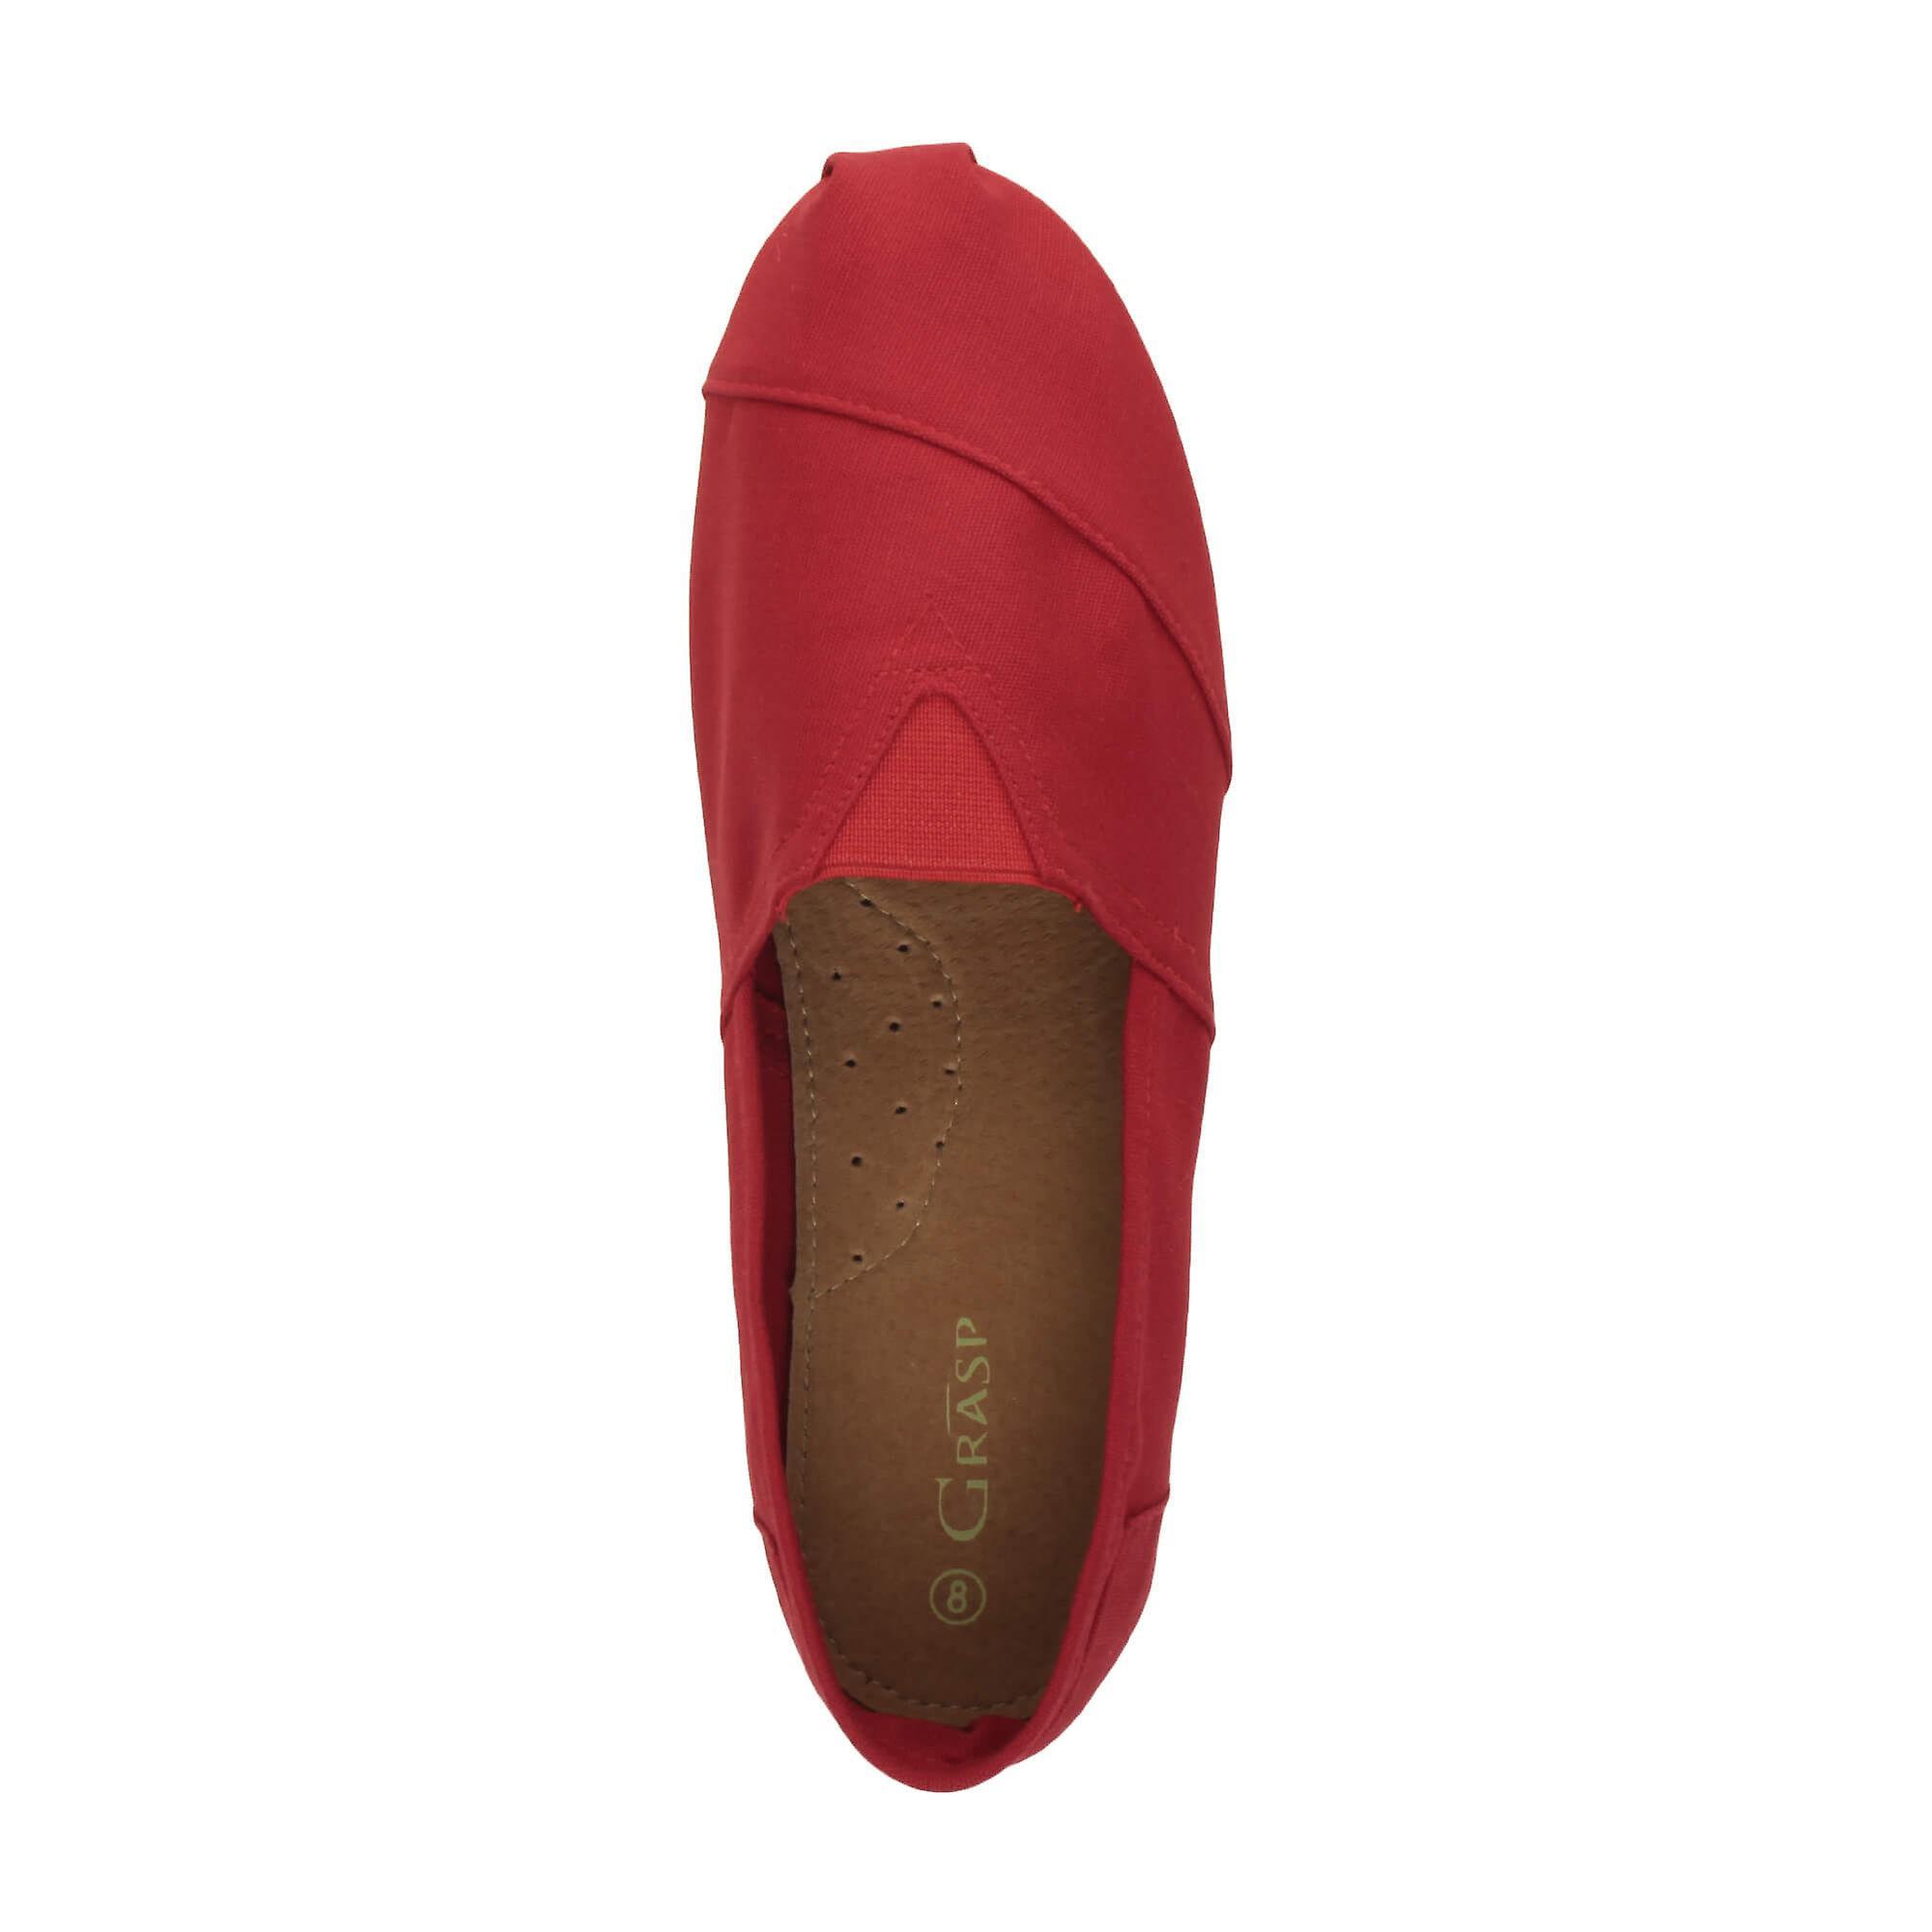 Espadrilles de semelle intérieure Ajvani mens cuir plate toile feuillet sur été pompes plimsoles espadrilles chaussures de pont